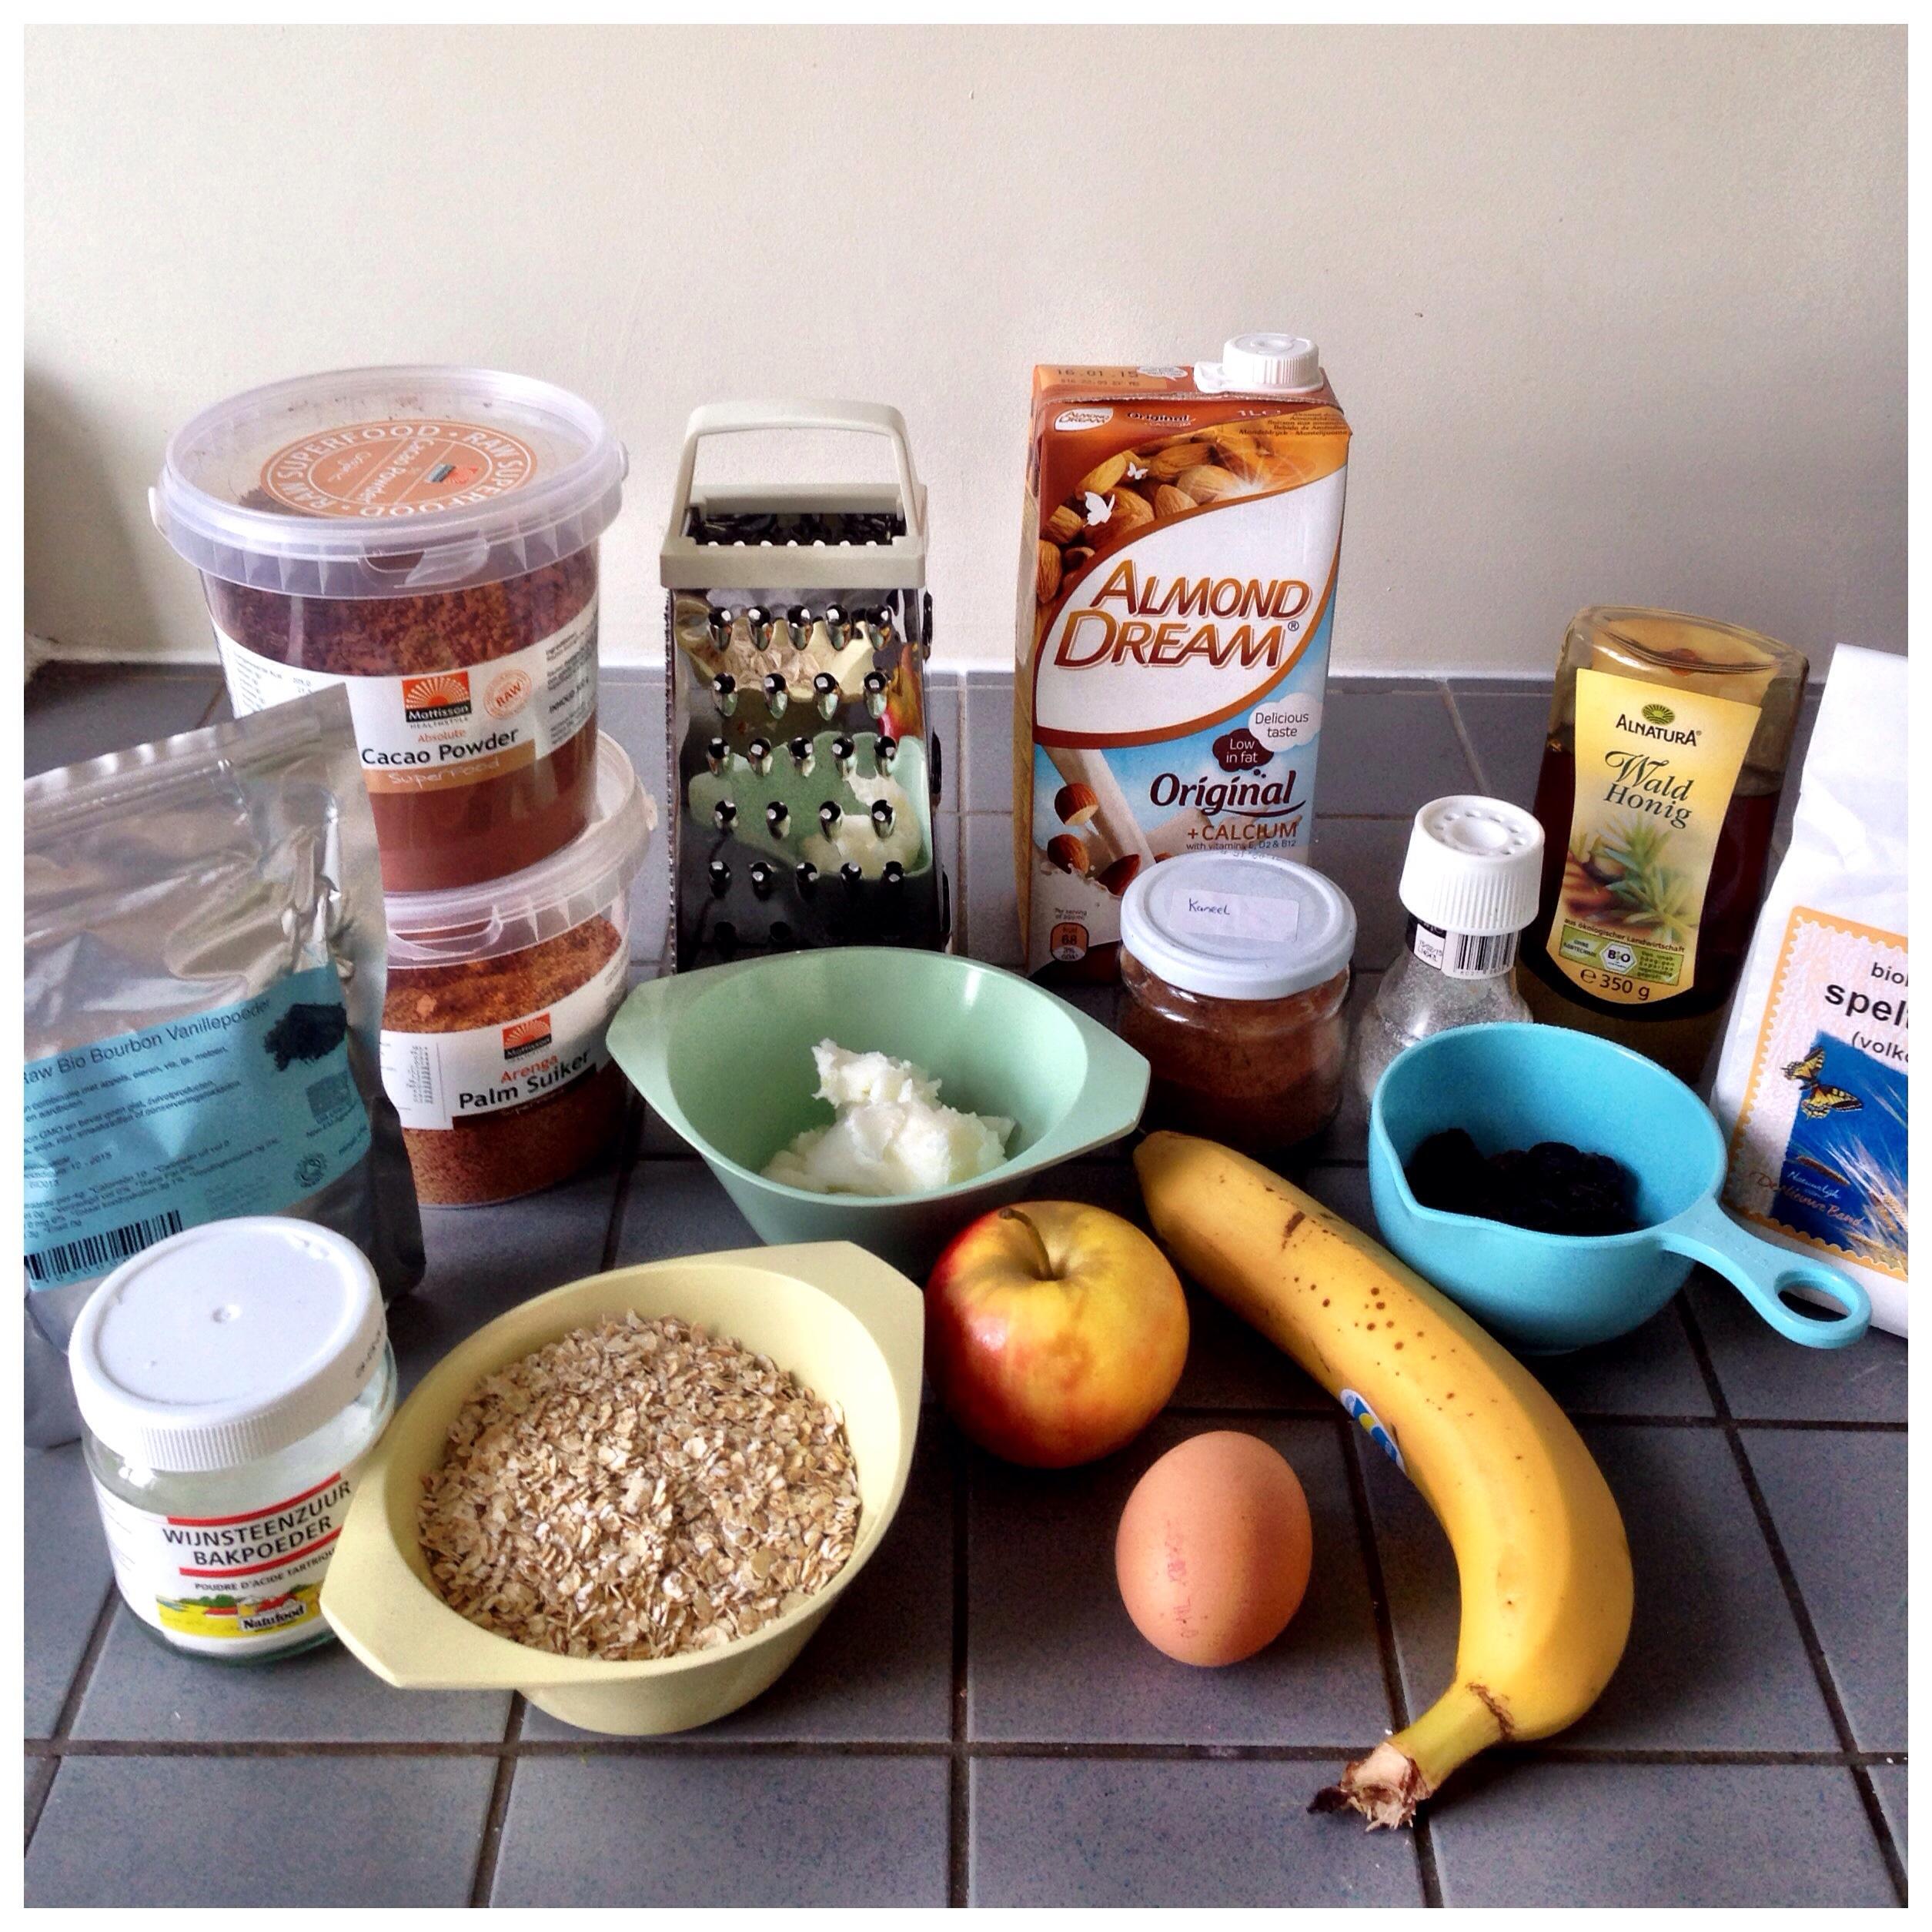 oat meal cookies ingredients